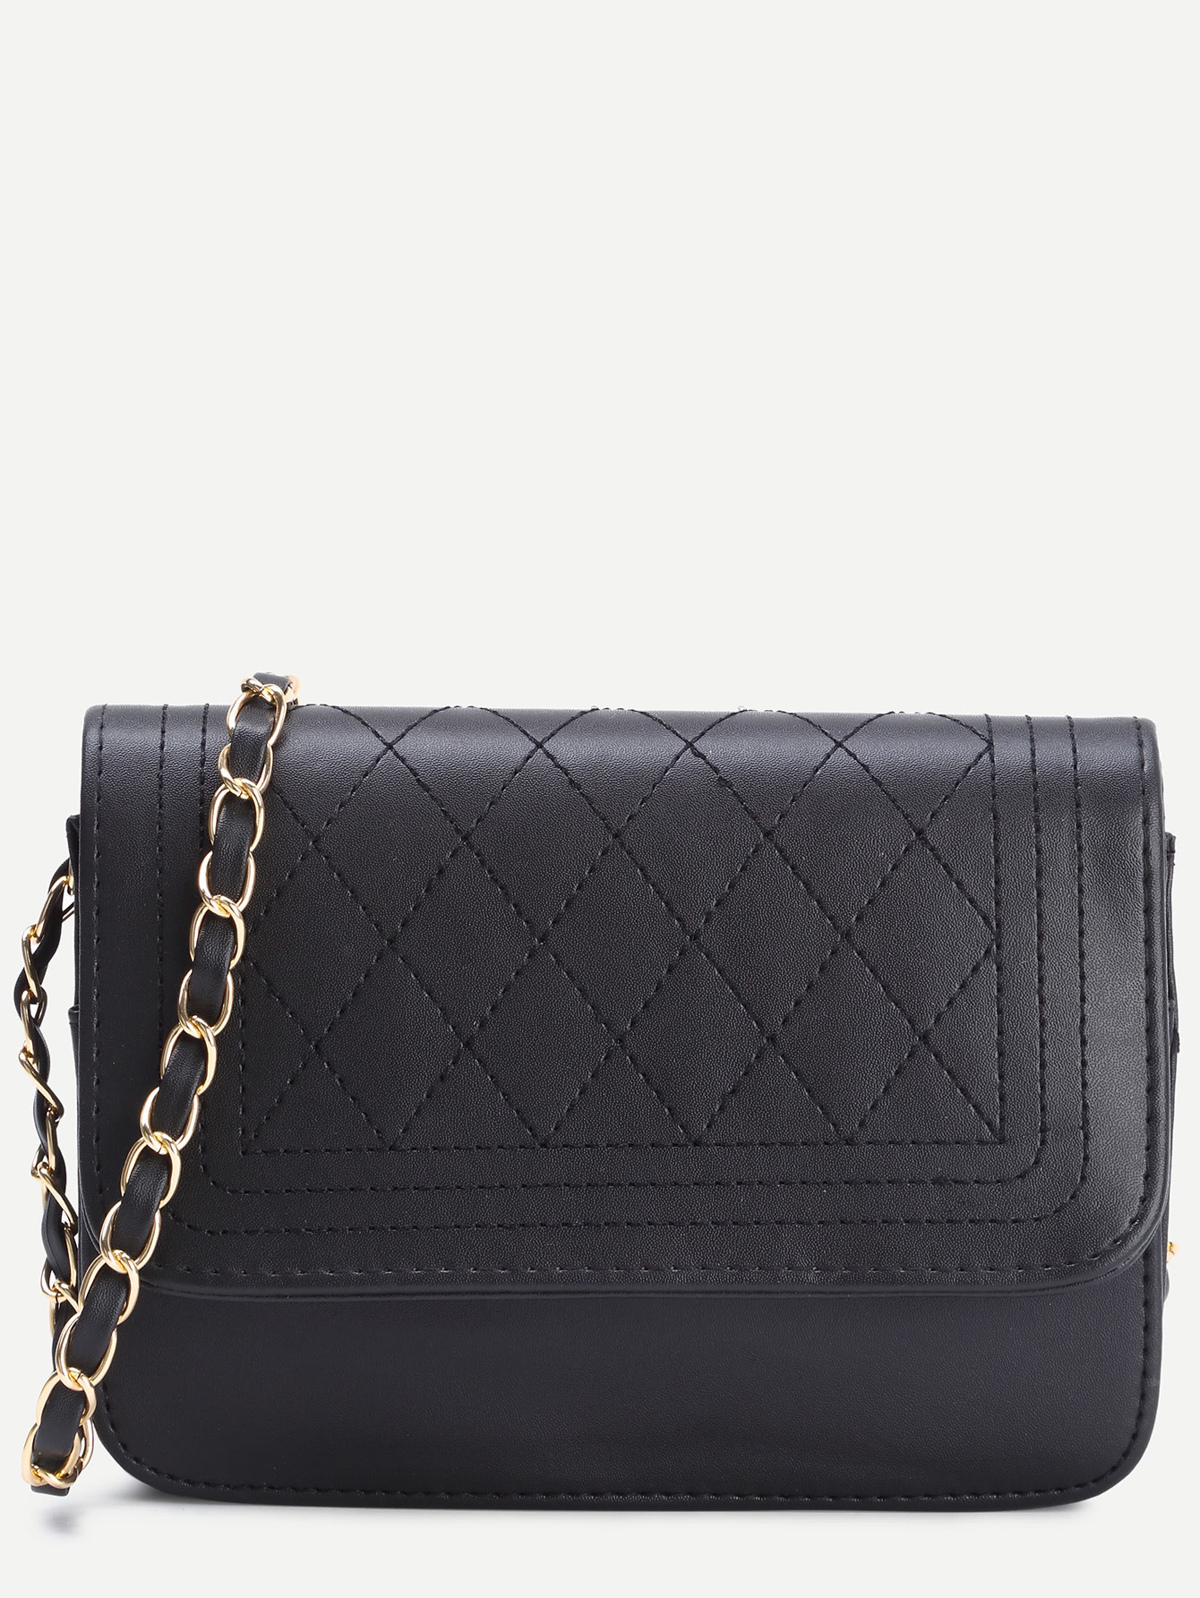 黑色 仿皮 絎縫 包蓋 鏈子/項鏈 手提包